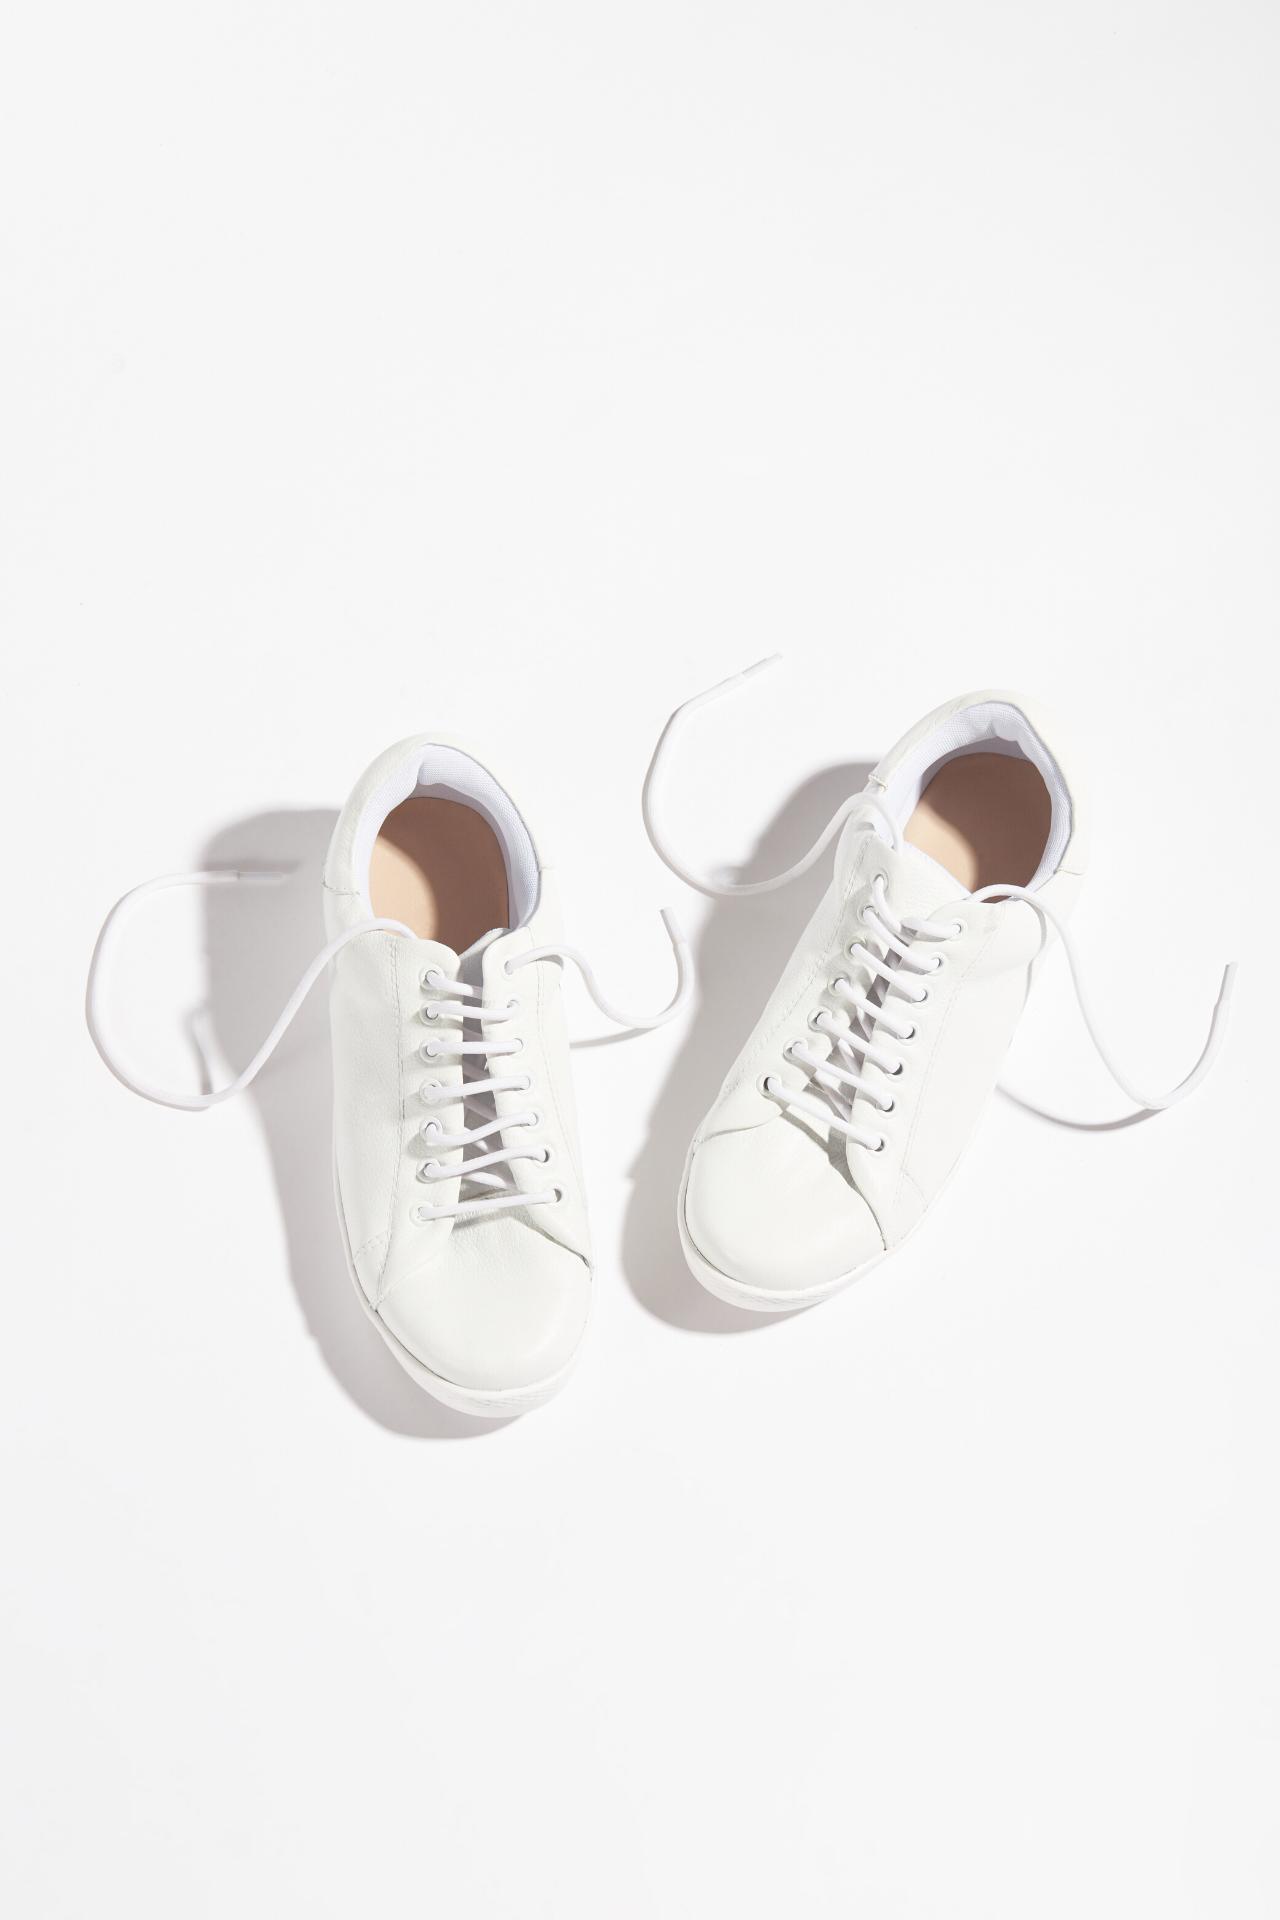 Preventa: Entrega del producto en 7 días útiles.  Zapatillas urbanas de cuero blanco. Tienen 2,5cm de altura  CAPELLADA: CUERO NATURAL / FORRO: TELA / ALTURA: 2,5cm